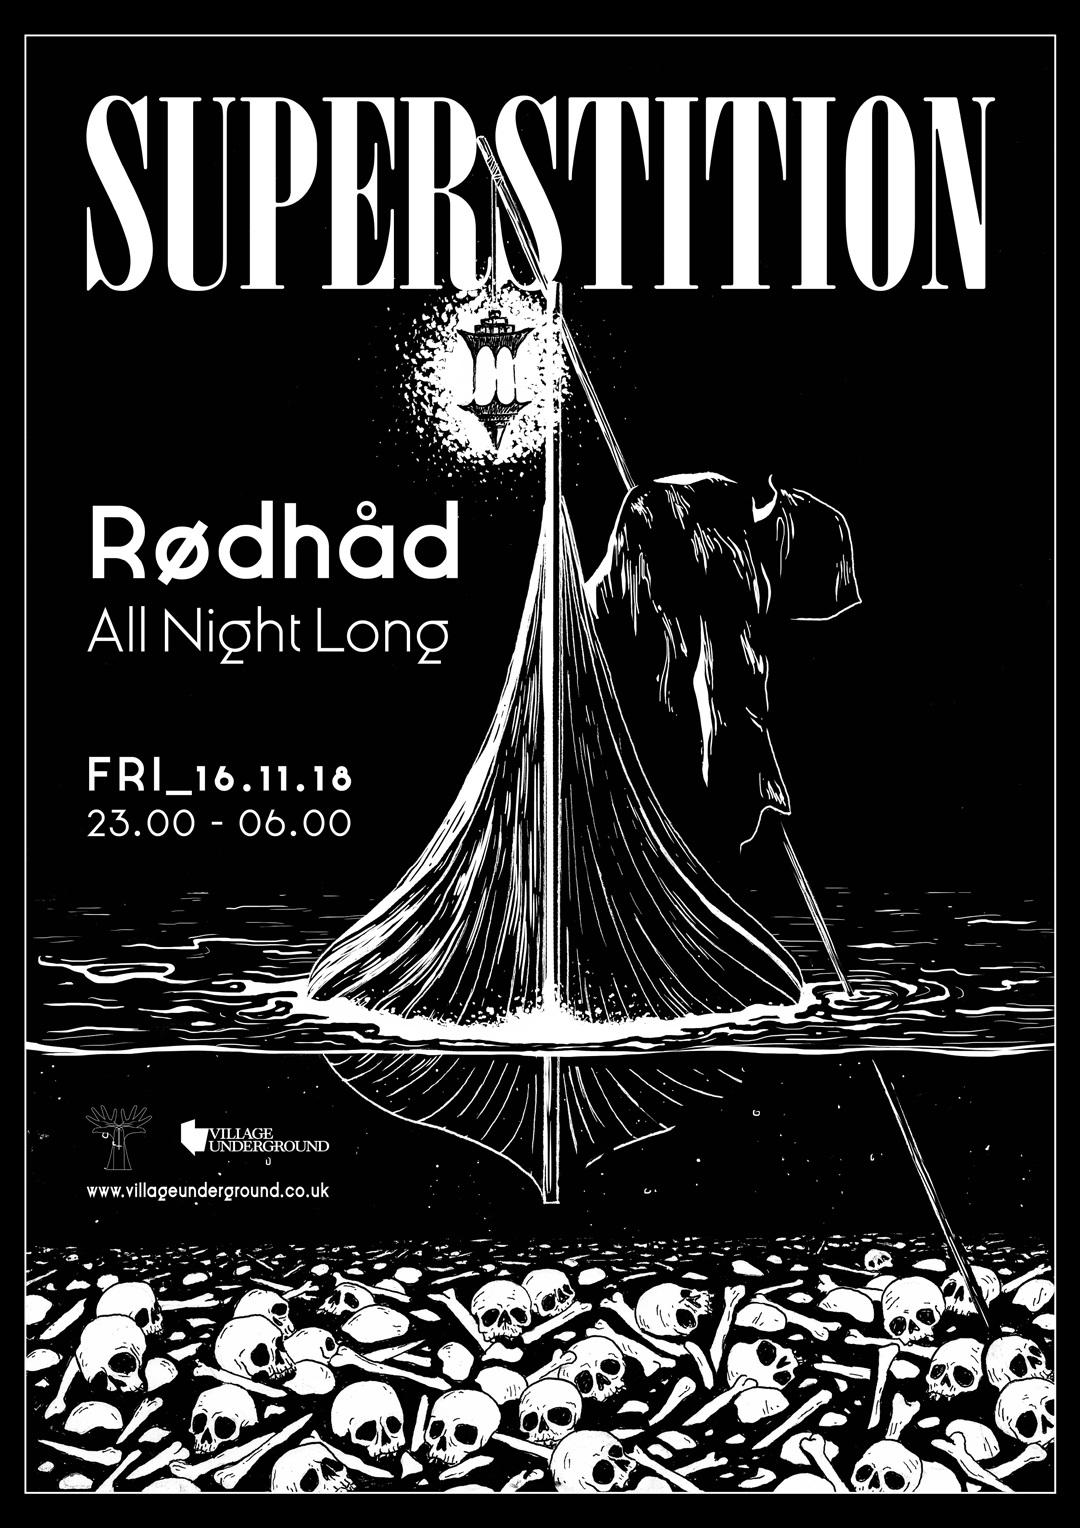 Superstition_2018_9.jpg